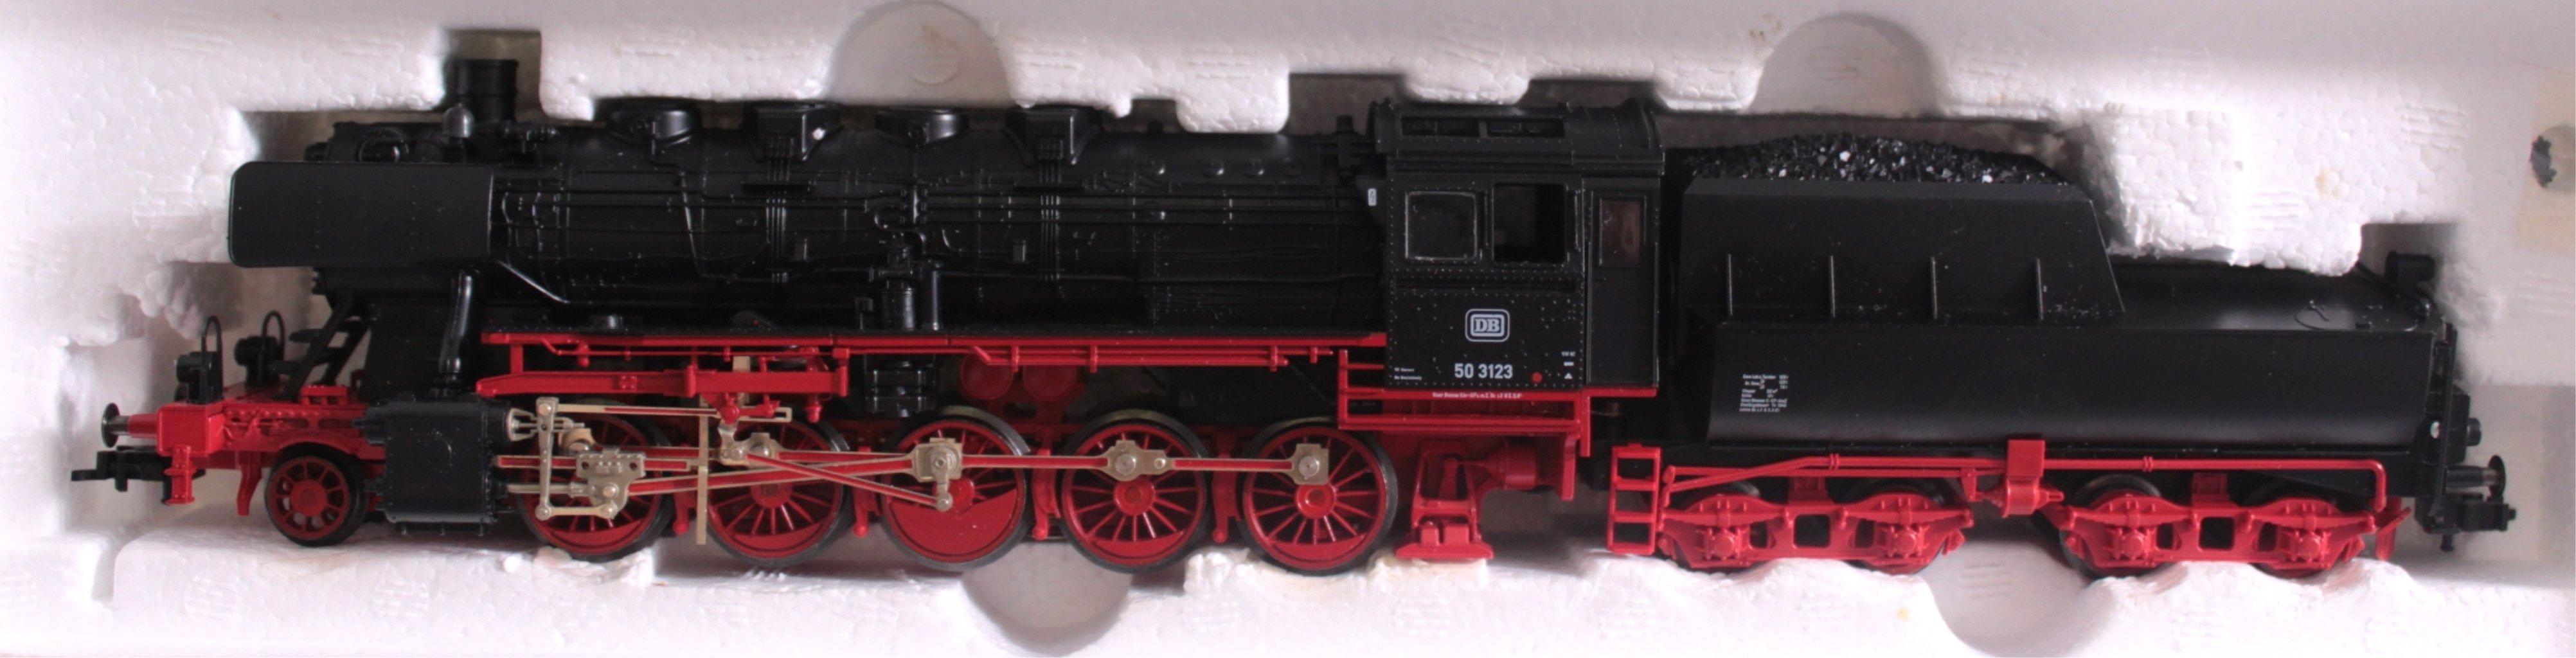 Fleischmann Dampflok 4176 Spur H0 mit Tender und 4 Waggons-1